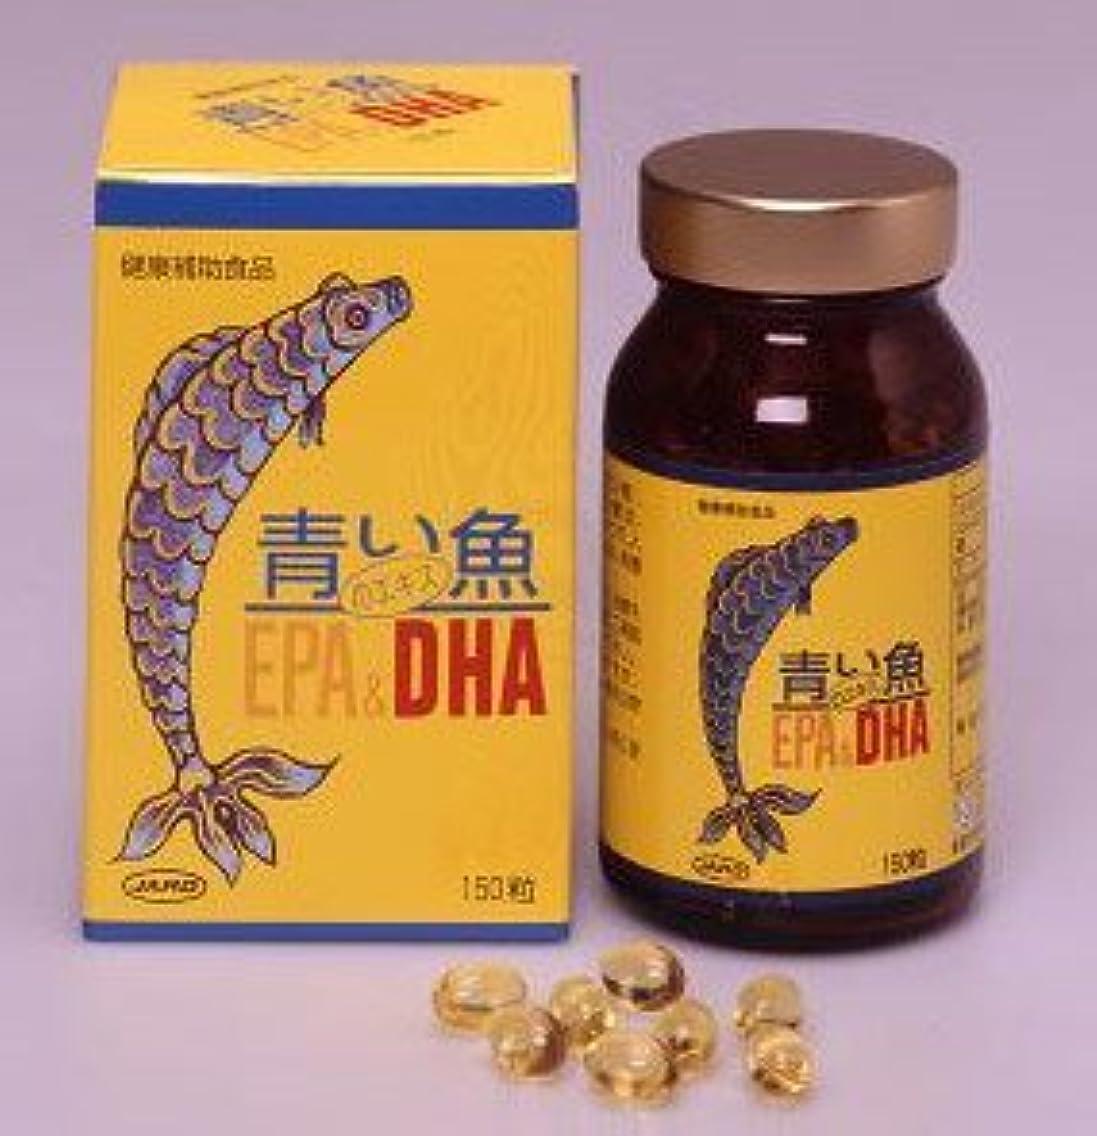 新年ノベルティ抑止する青い魚のエキスEPA&DHA(単品)ジャード